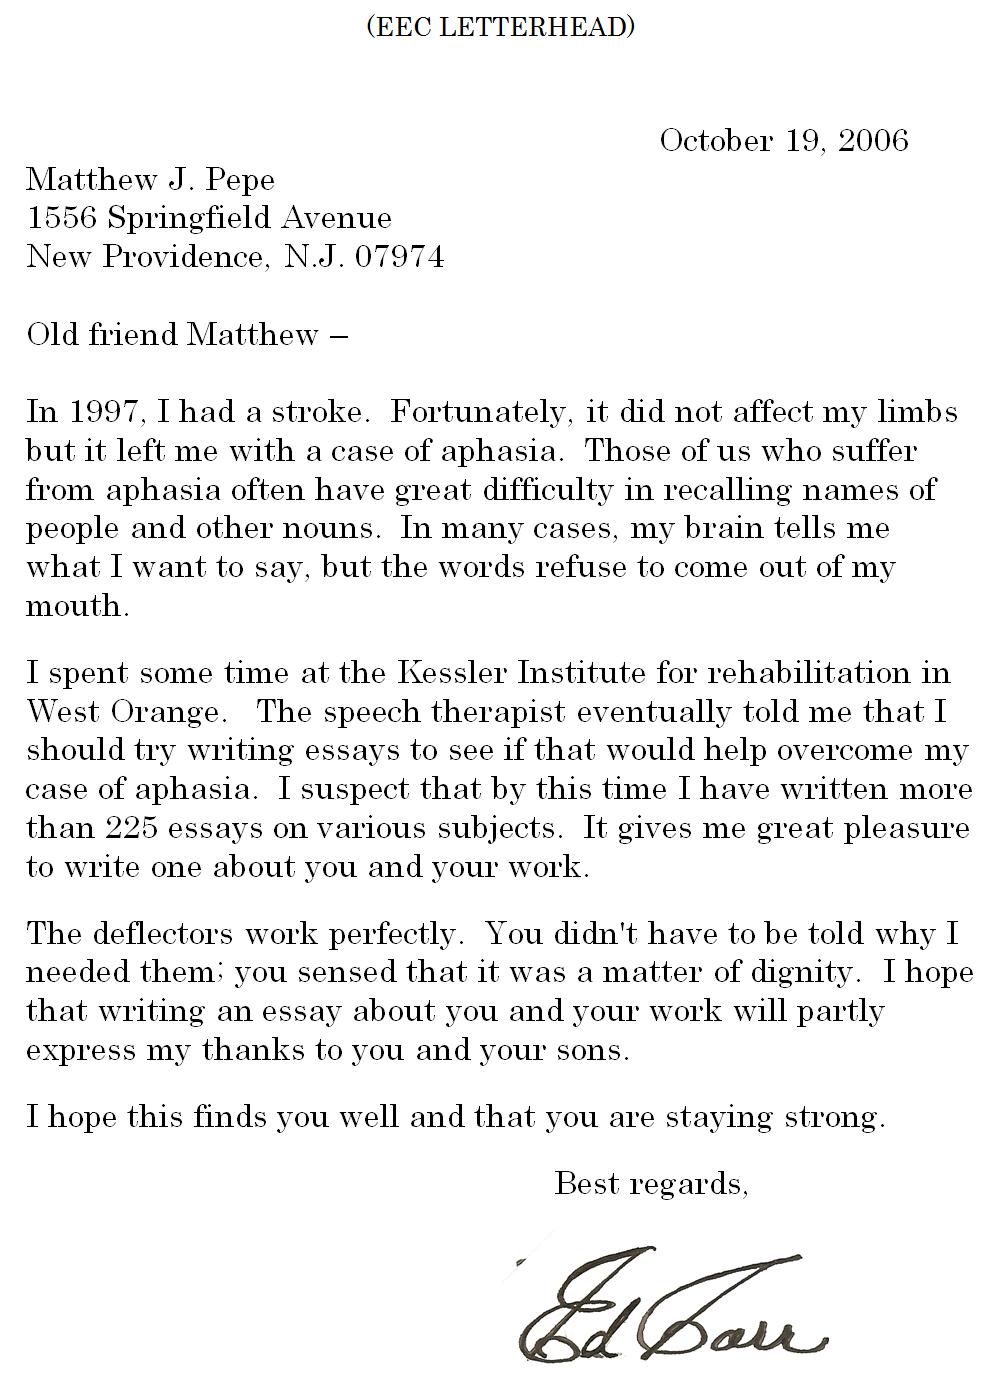 Lokmanya tilak essay help